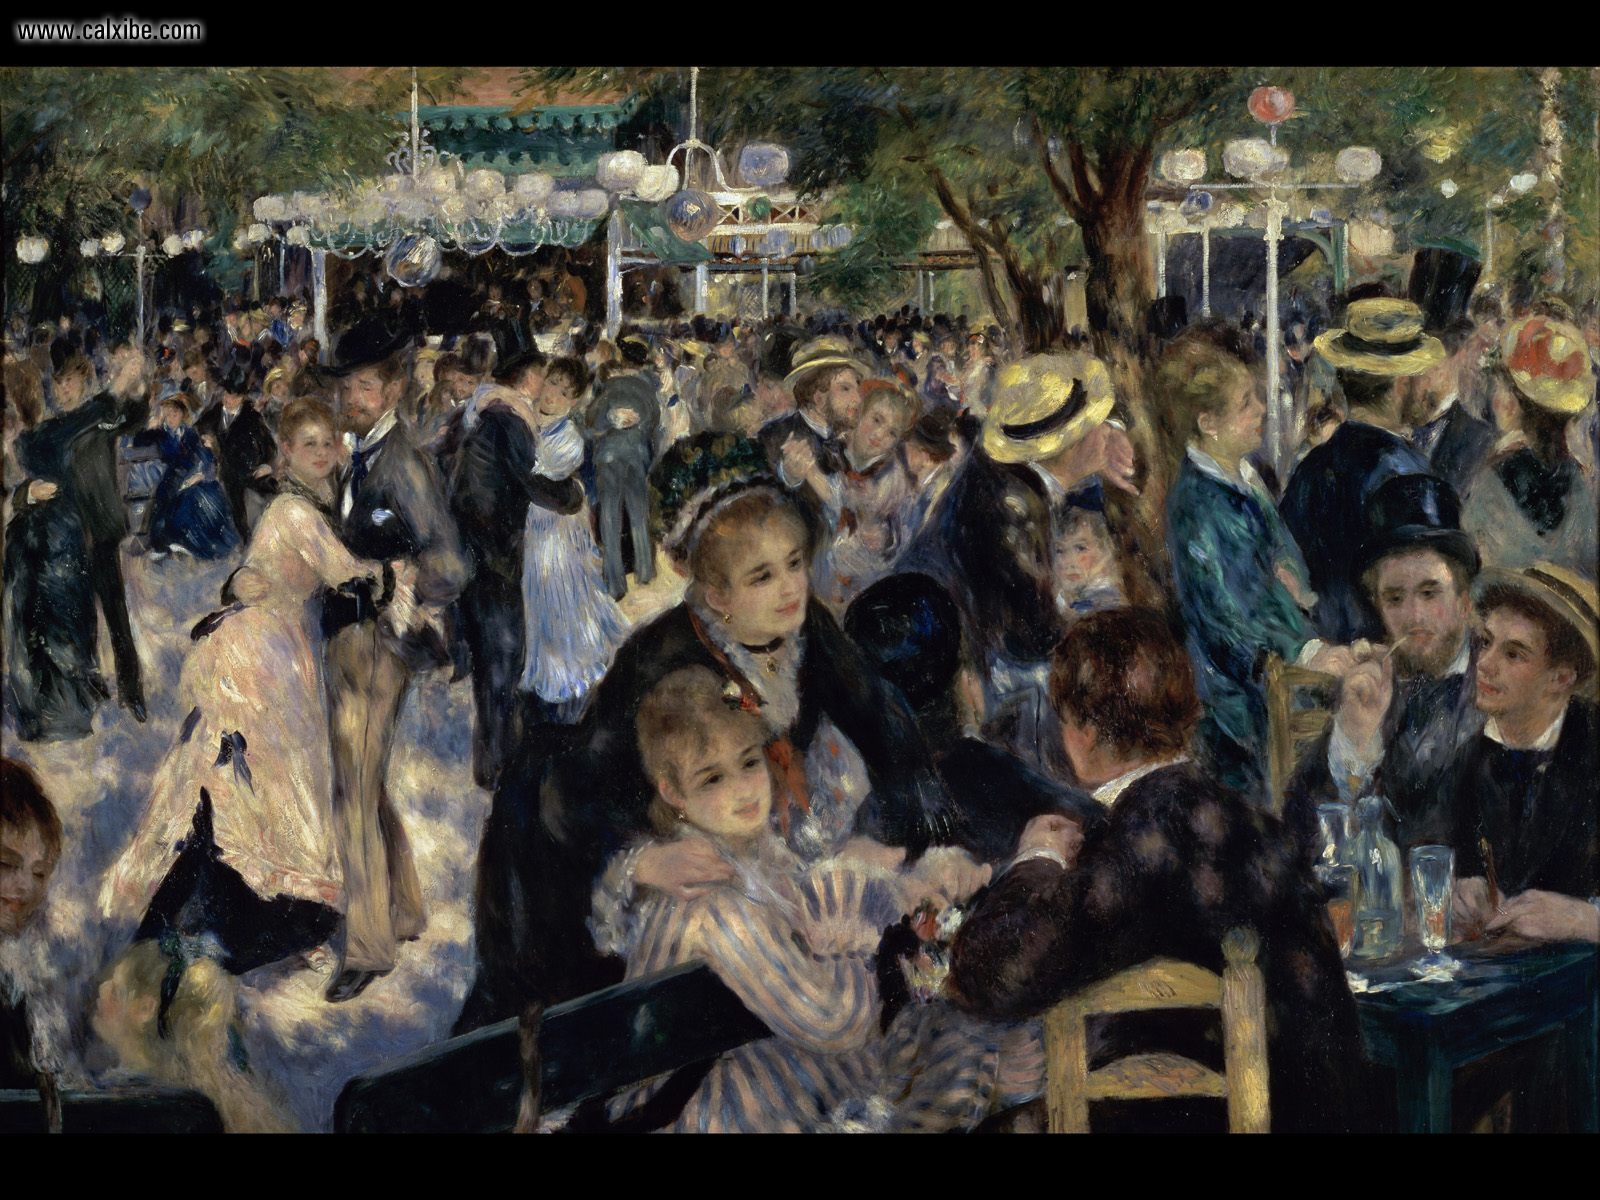 1600x1200 Vẽ & Tranh: Bal du moulin de la Galette, Renoir, máy tính để bàn